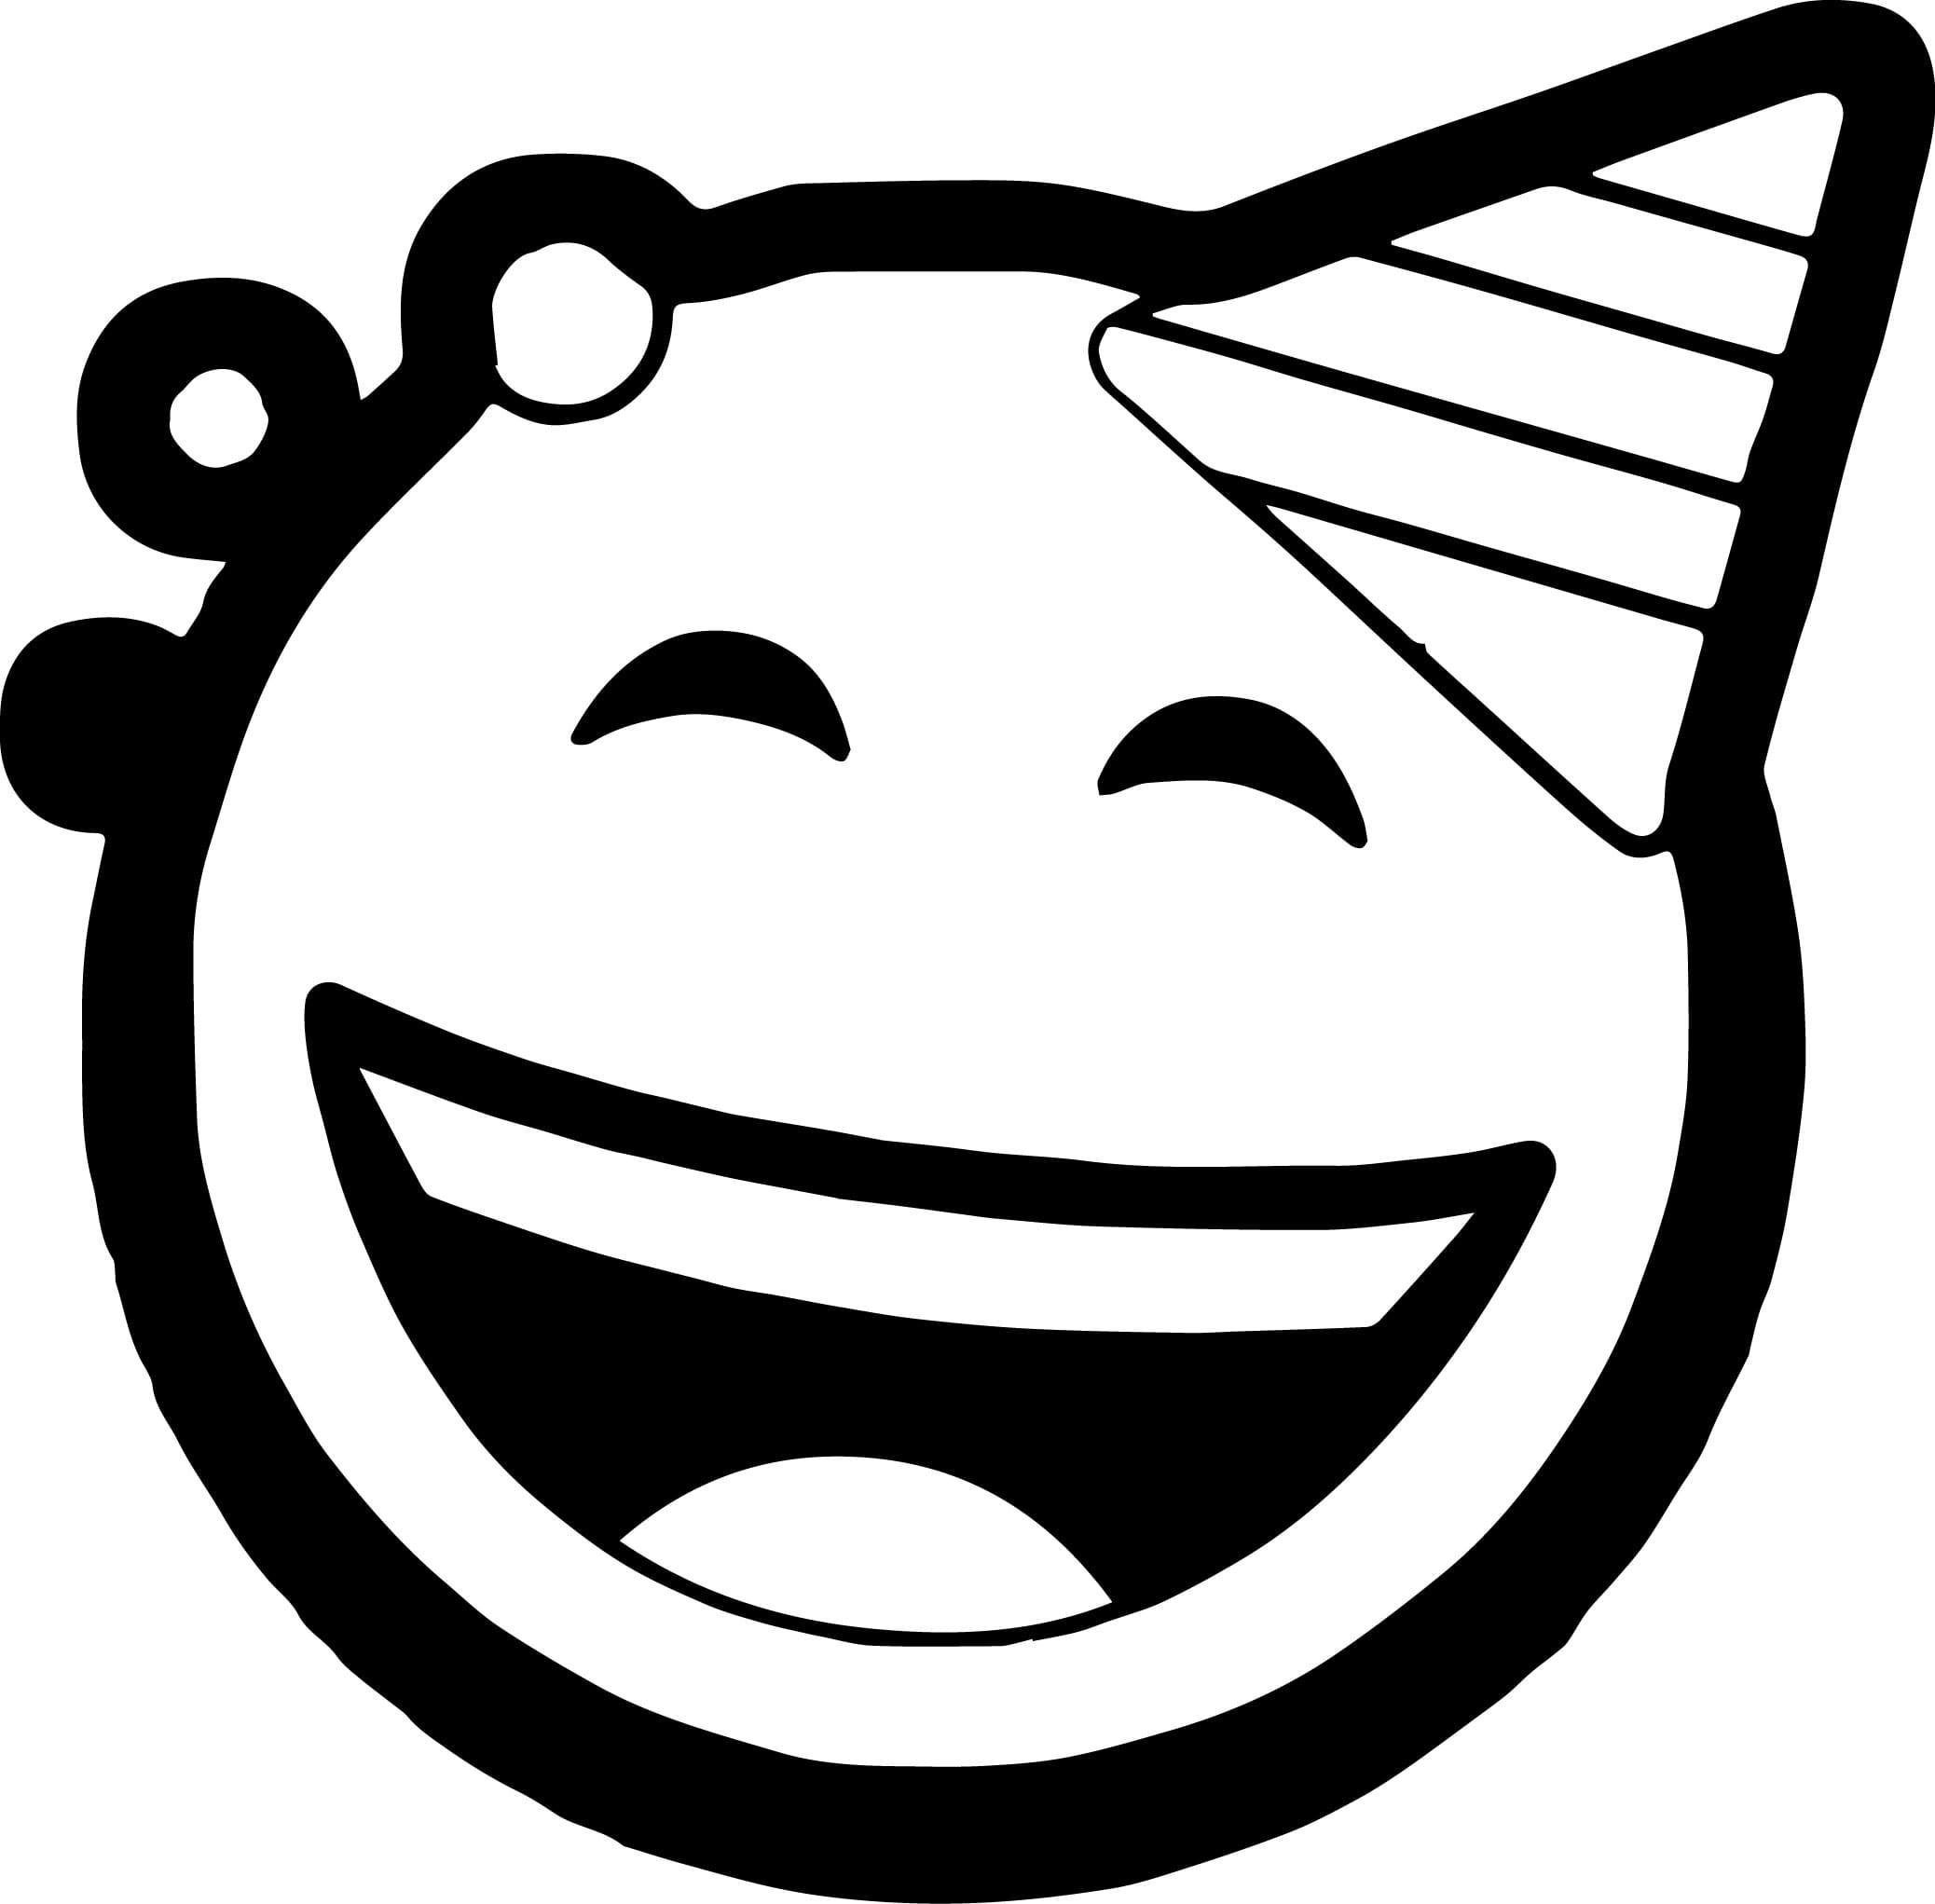 Zum ausdrucken smilies Ausmalbilder Emoji